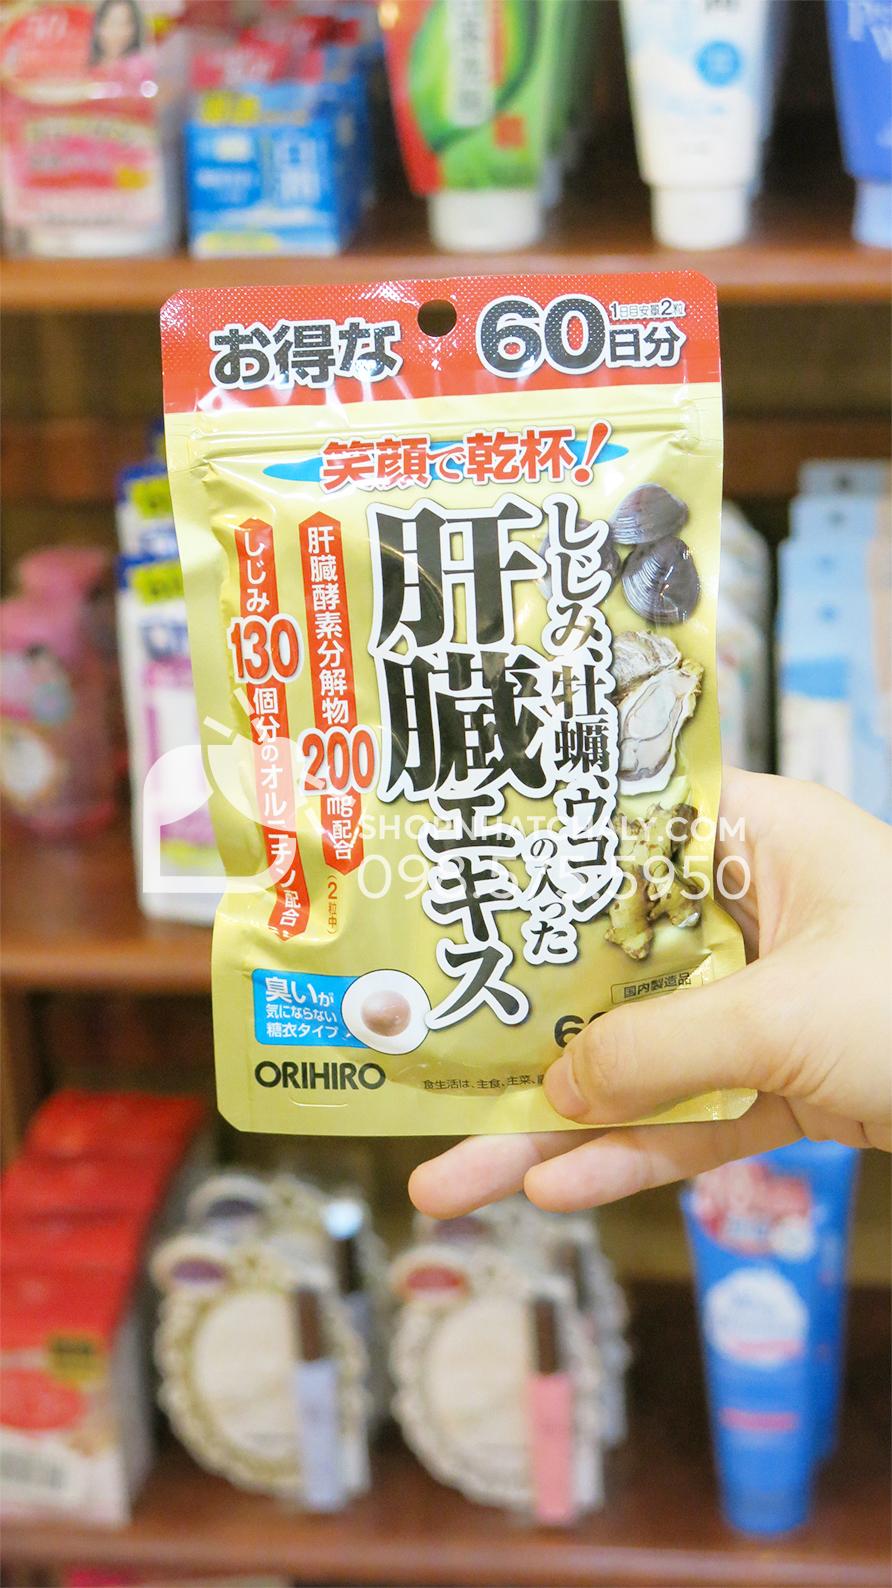 Thuốc bổ gan của Nhật Bản Orihiro 120 viên dạng túi díp và có kích thước nhỏ gọn nên rất tiện lợi để mang đi